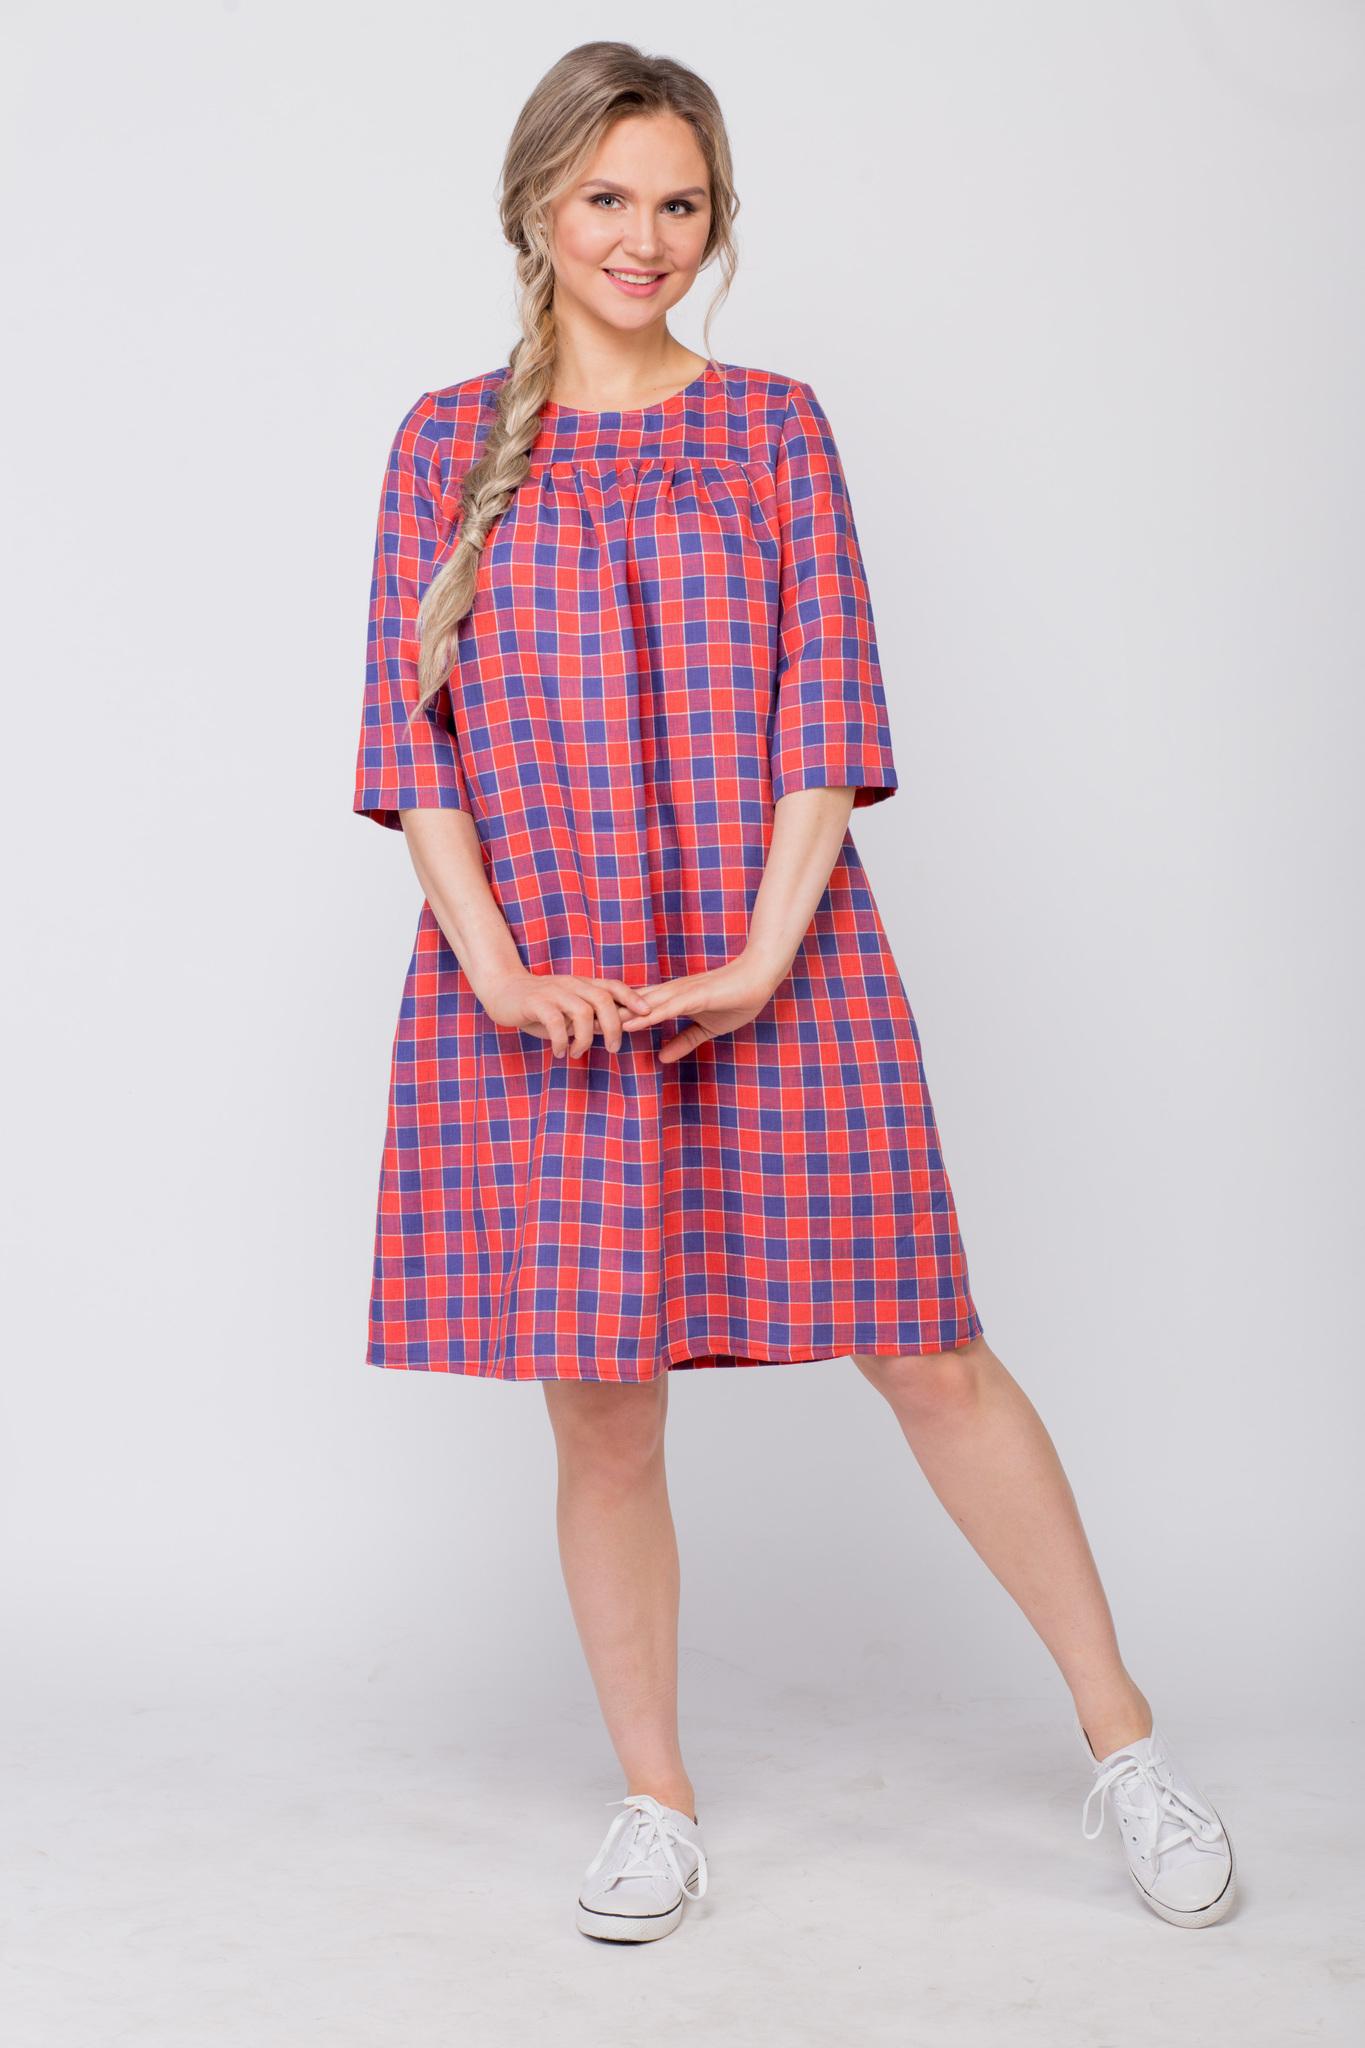 Платье льняное Хобби с кедами